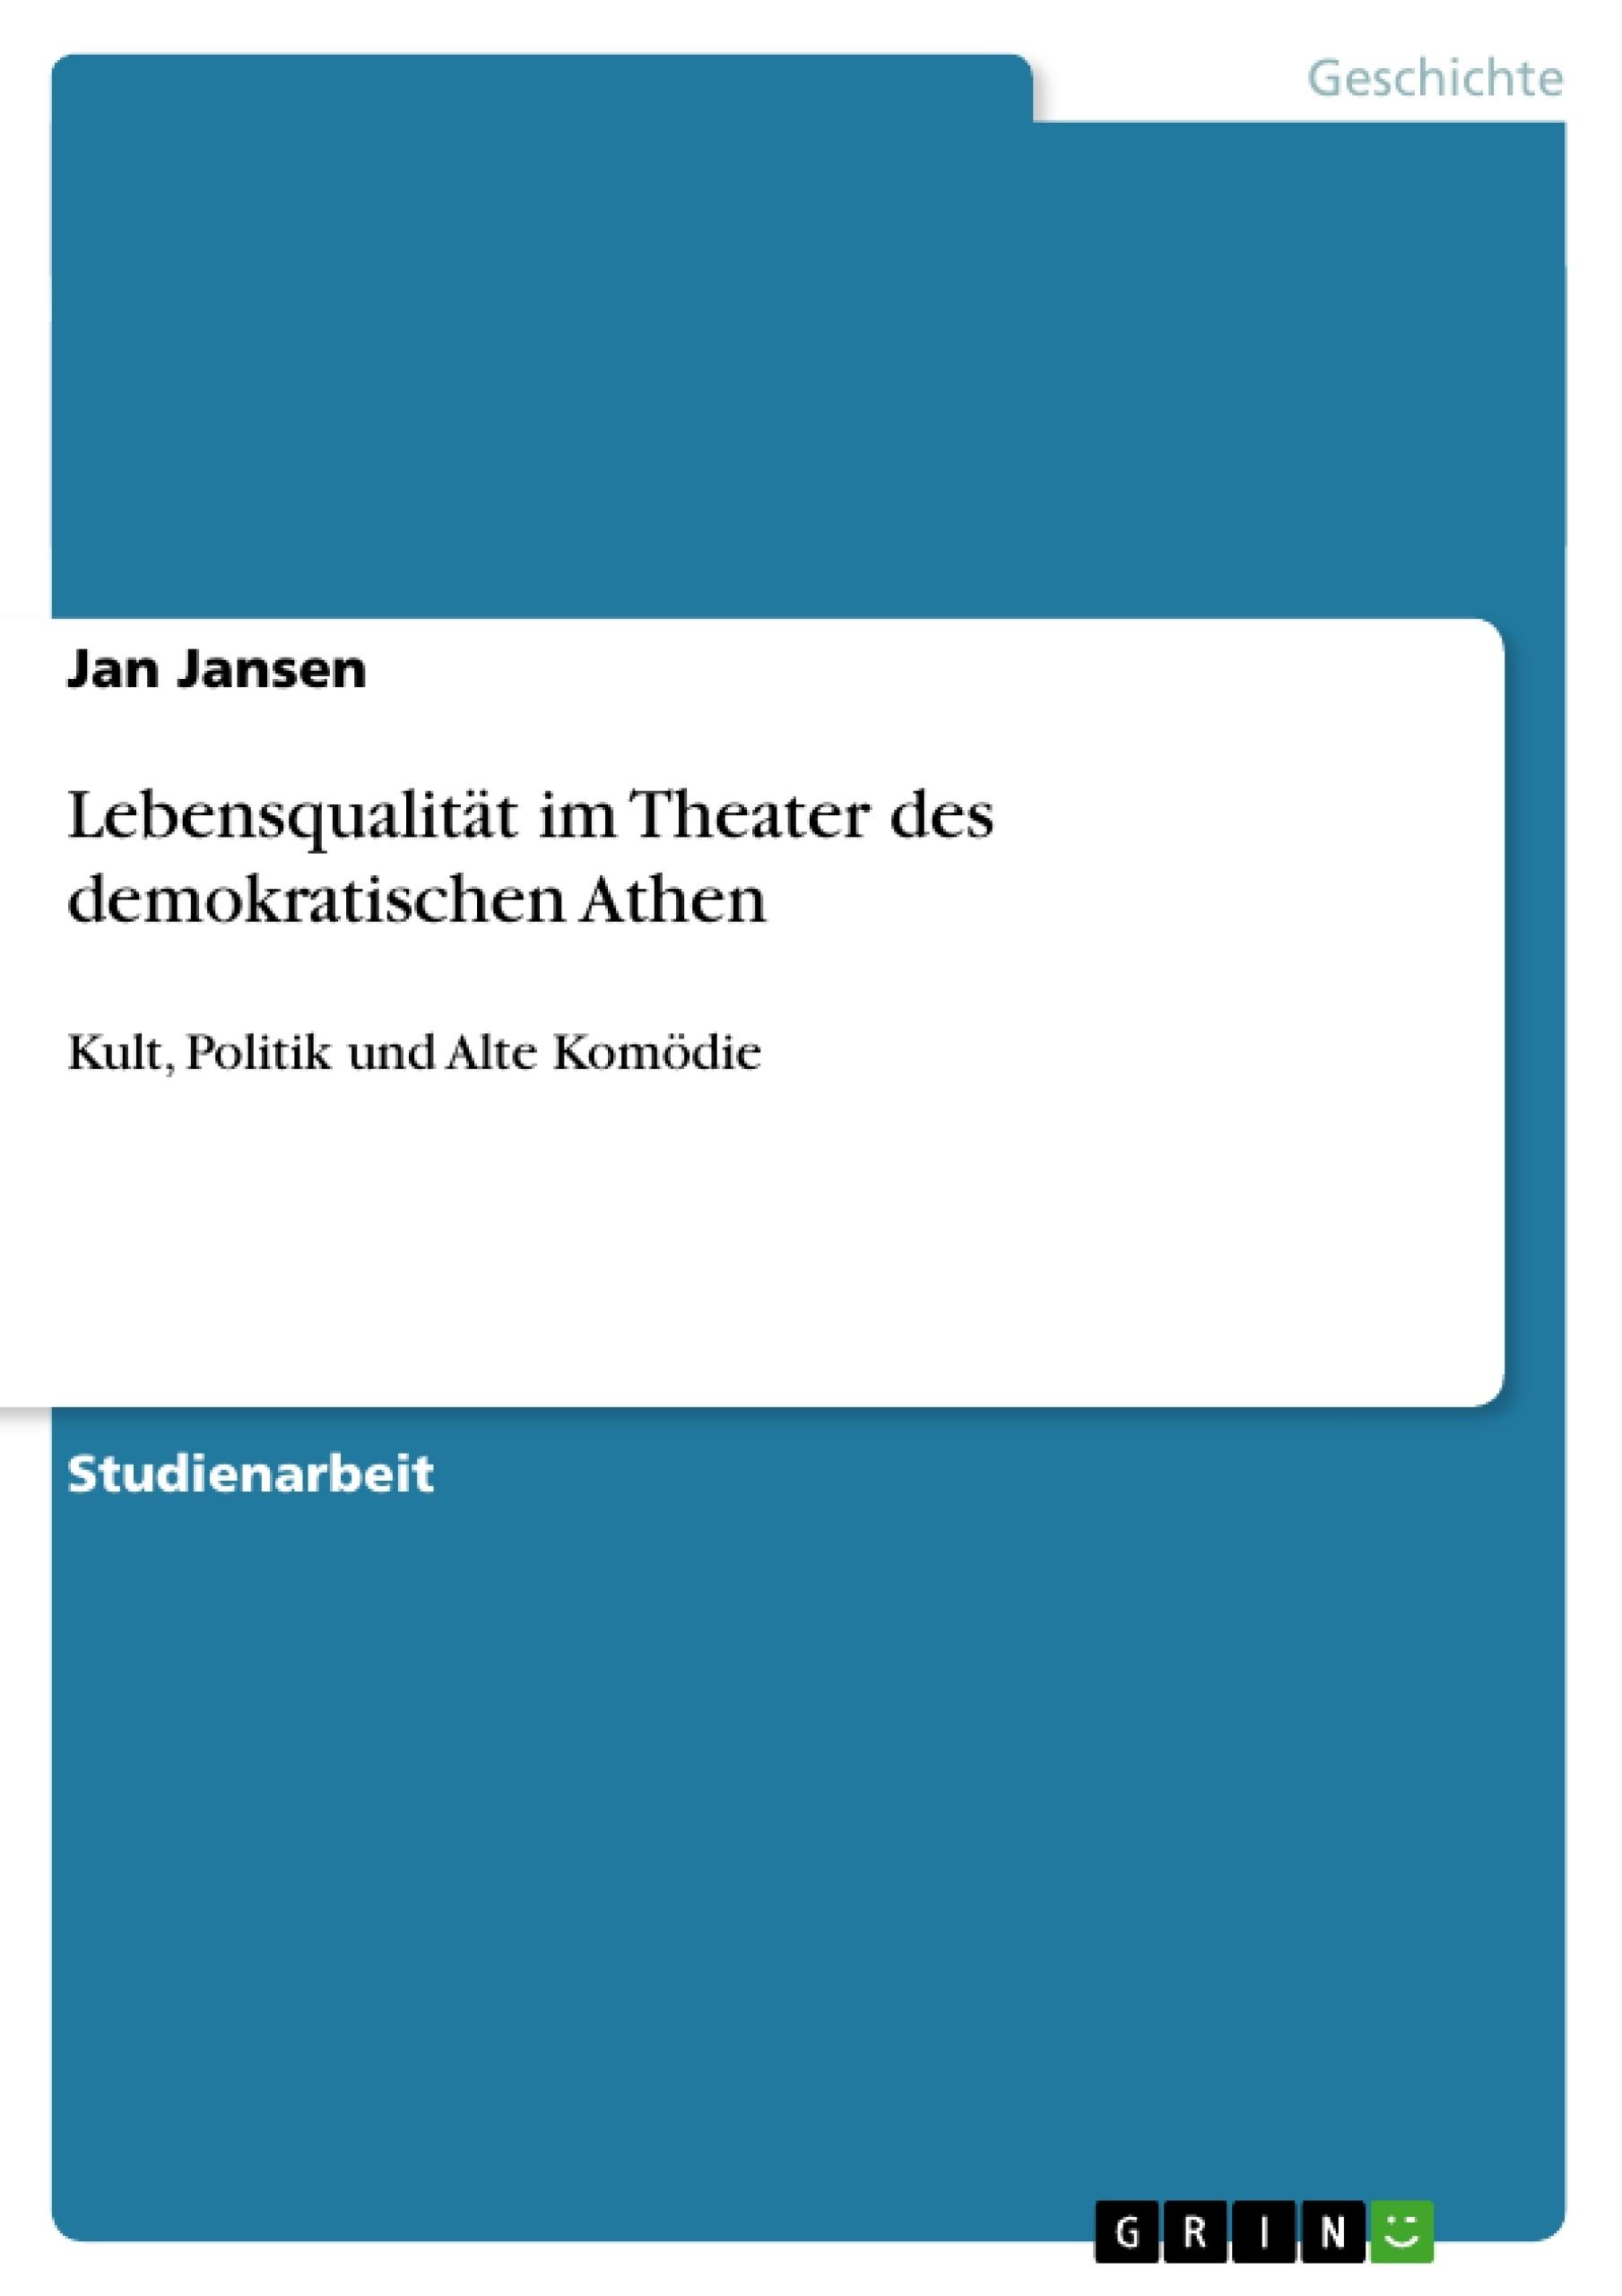 Titel: Lebensqualität im Theater des demokratischen Athen